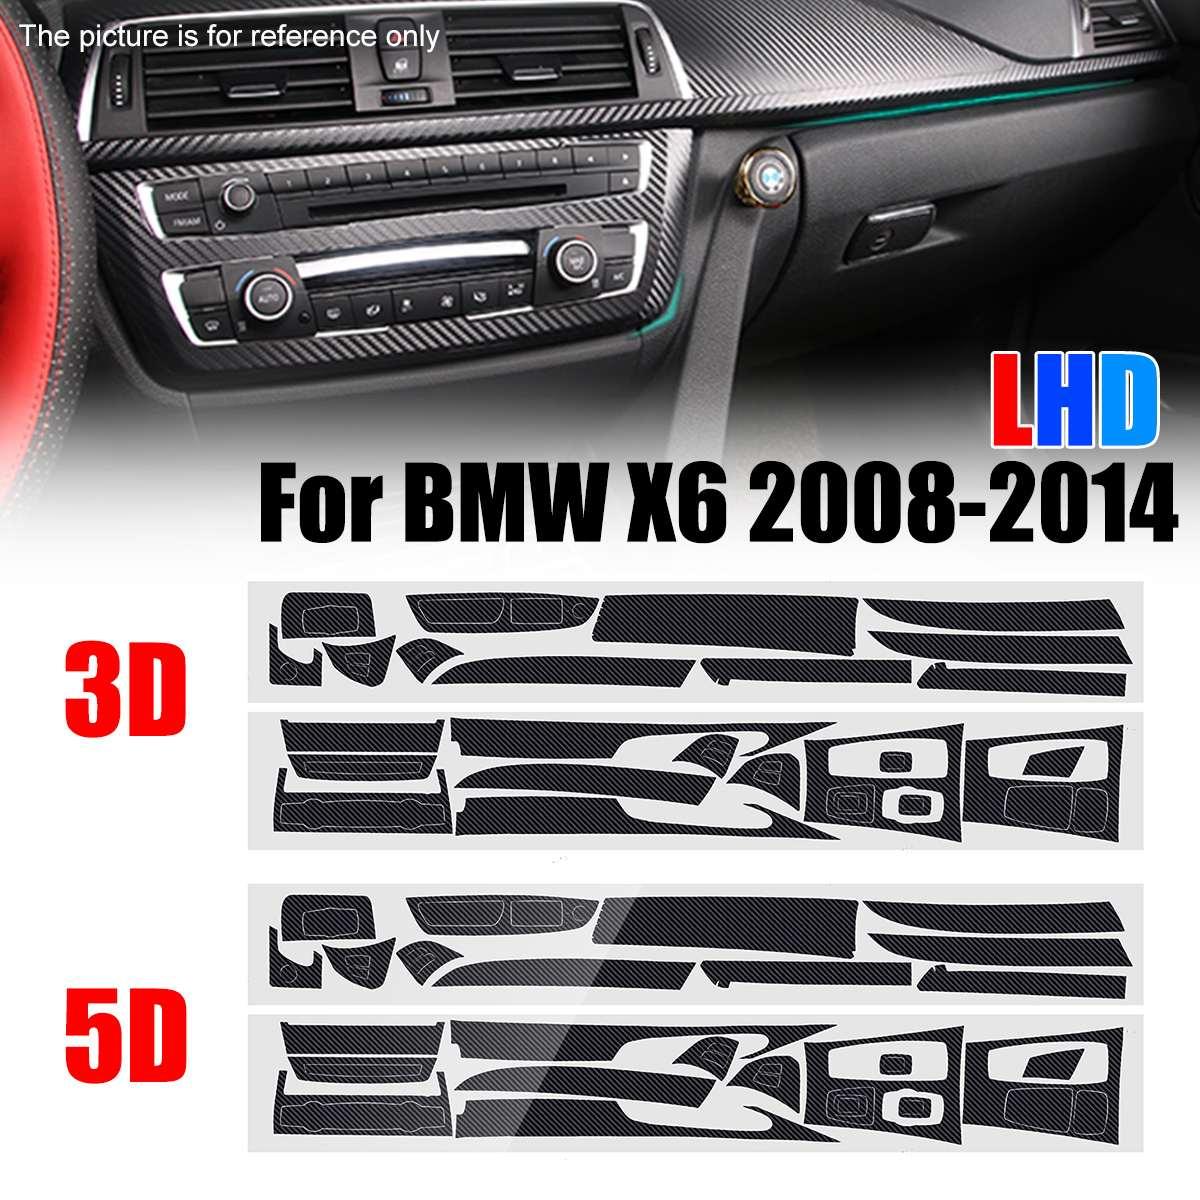 5D brillante/3D mate DIY pegatina fibra de carbono estilo pegatina vinilo calcomanía ajuste para BMW X6 2008-2014 solo modelo de conducción izquierda